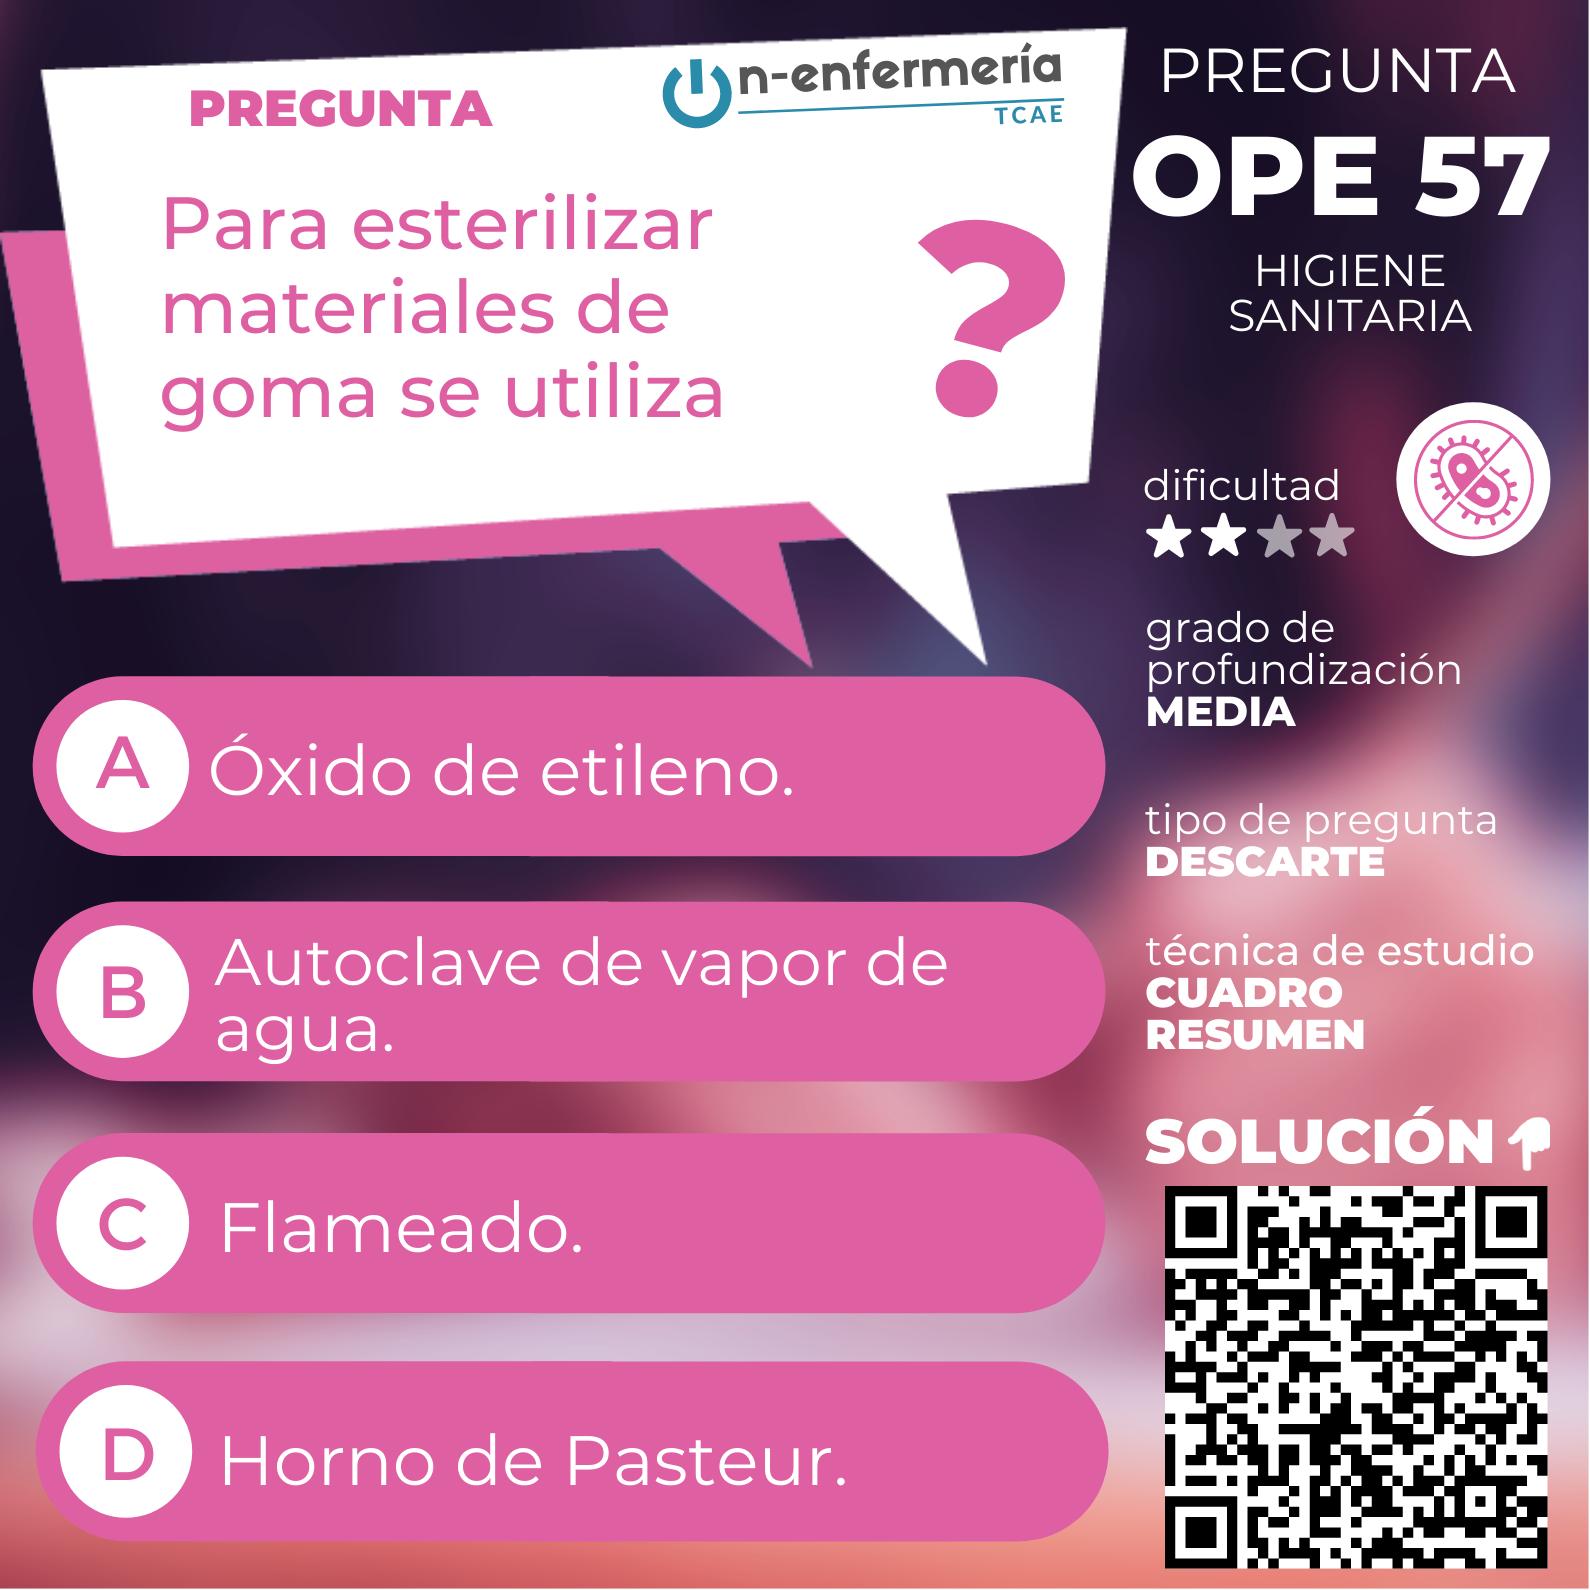 Pregunta de examen OPE TCAE Nº57 Higiene sanitaria - Almacenes sanitarios y conservación de materiales